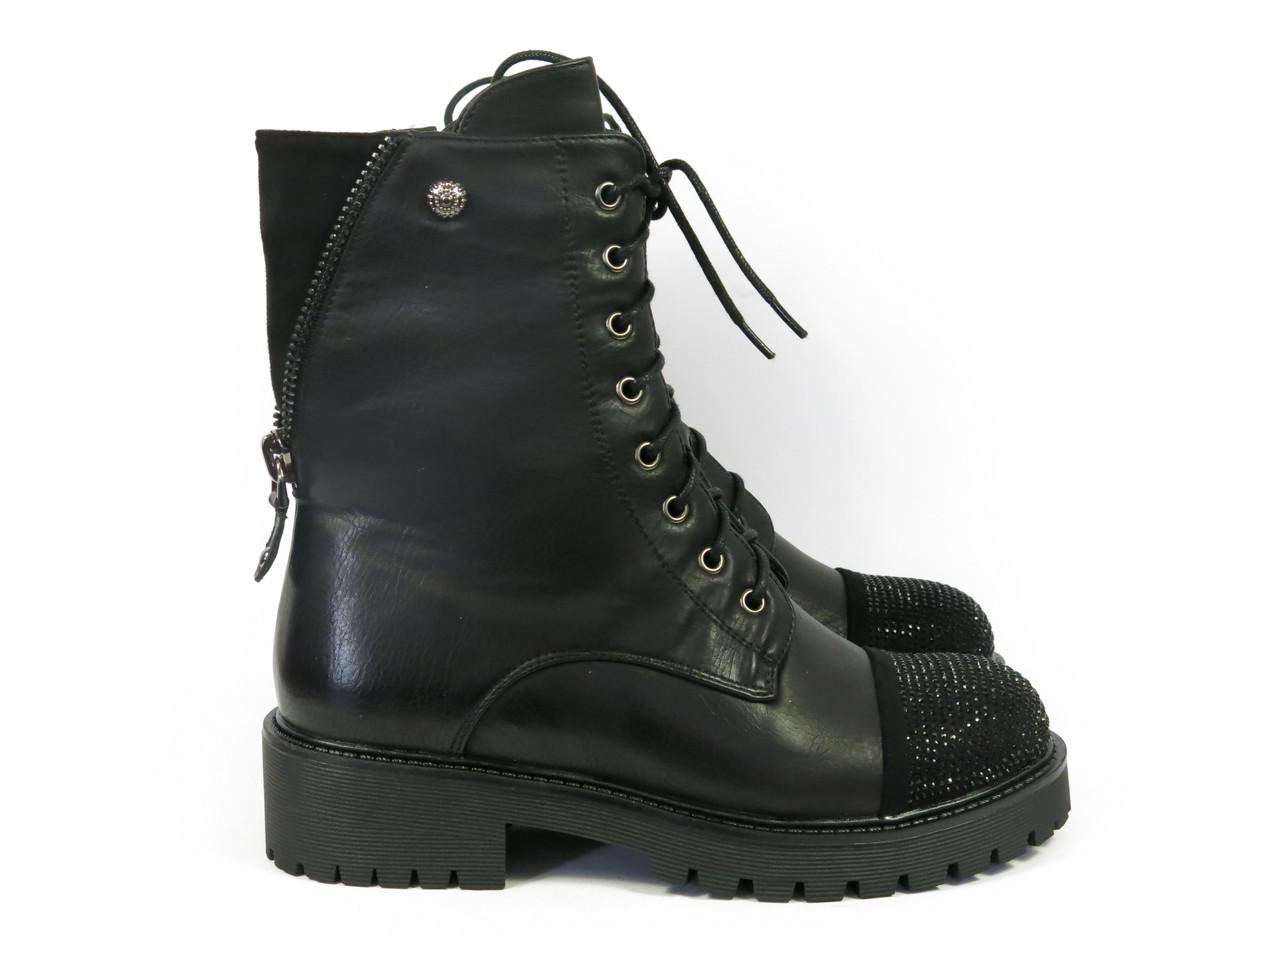 Стильные женские высокие ботинки на шнурках